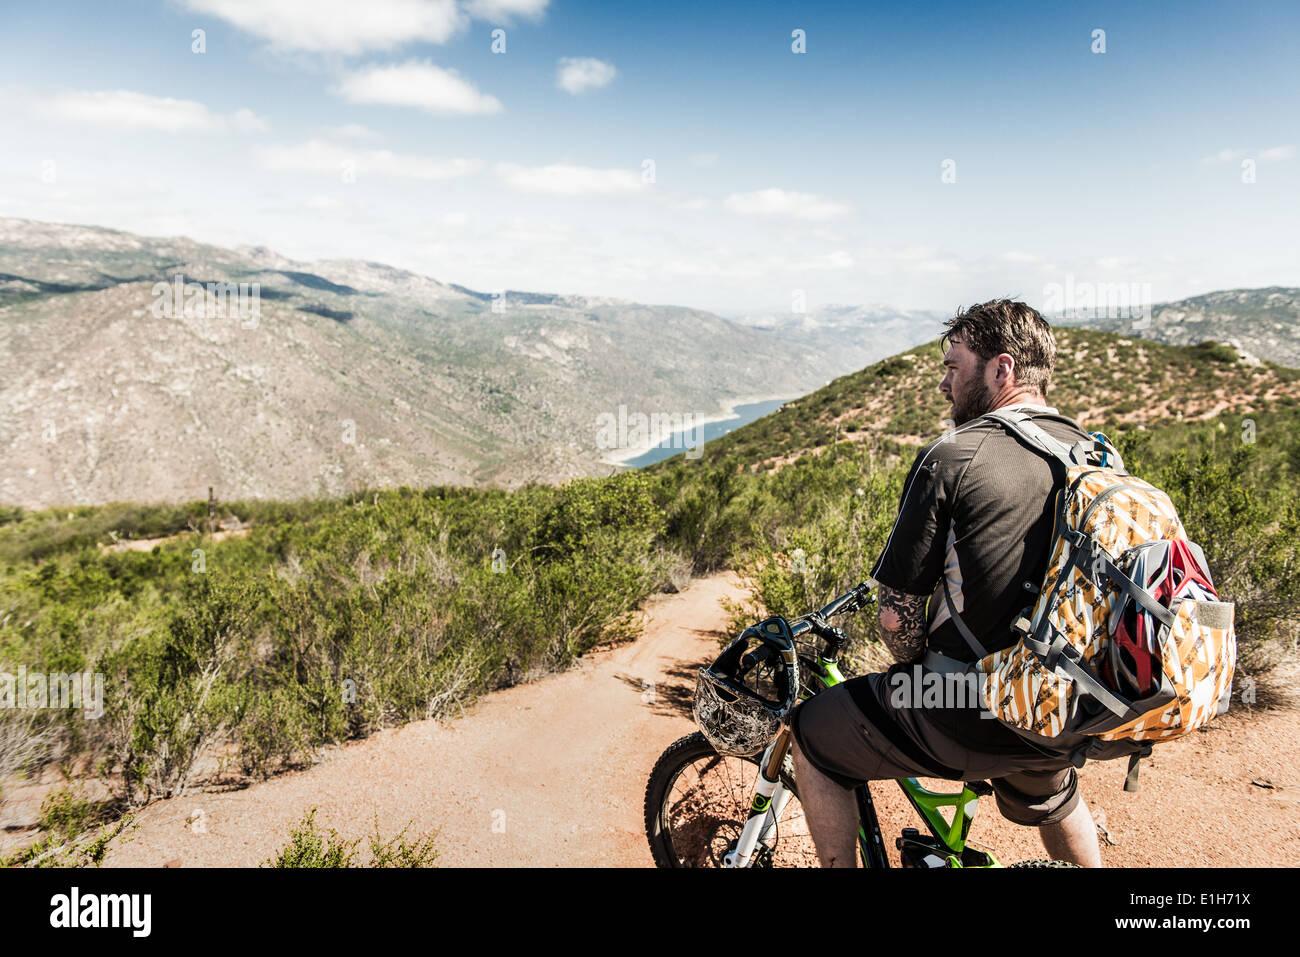 Downhill mountain biker guardando a vista Immagini Stock